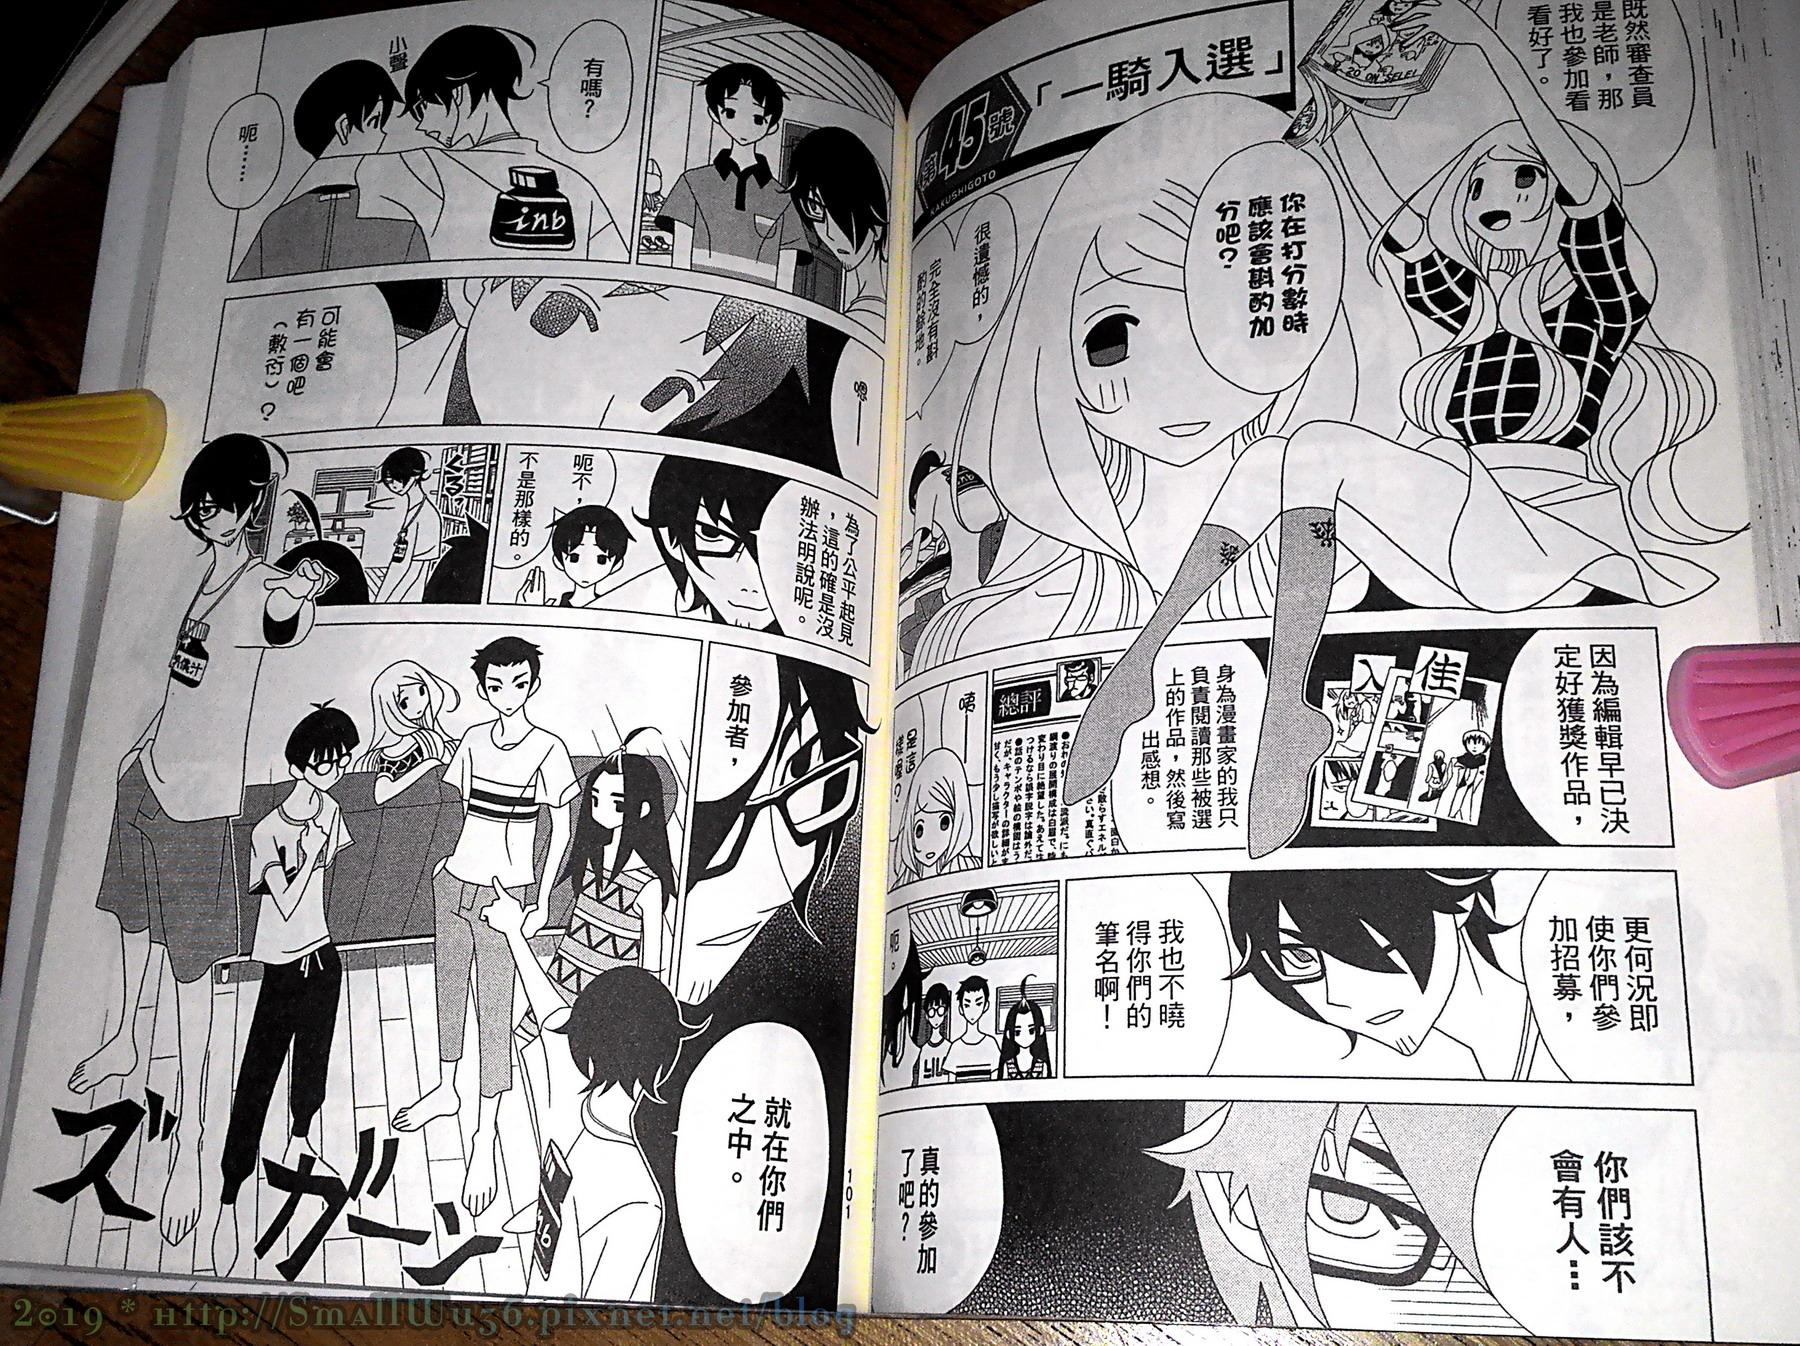 久米田康治-隱瞞之事2-3.jpg